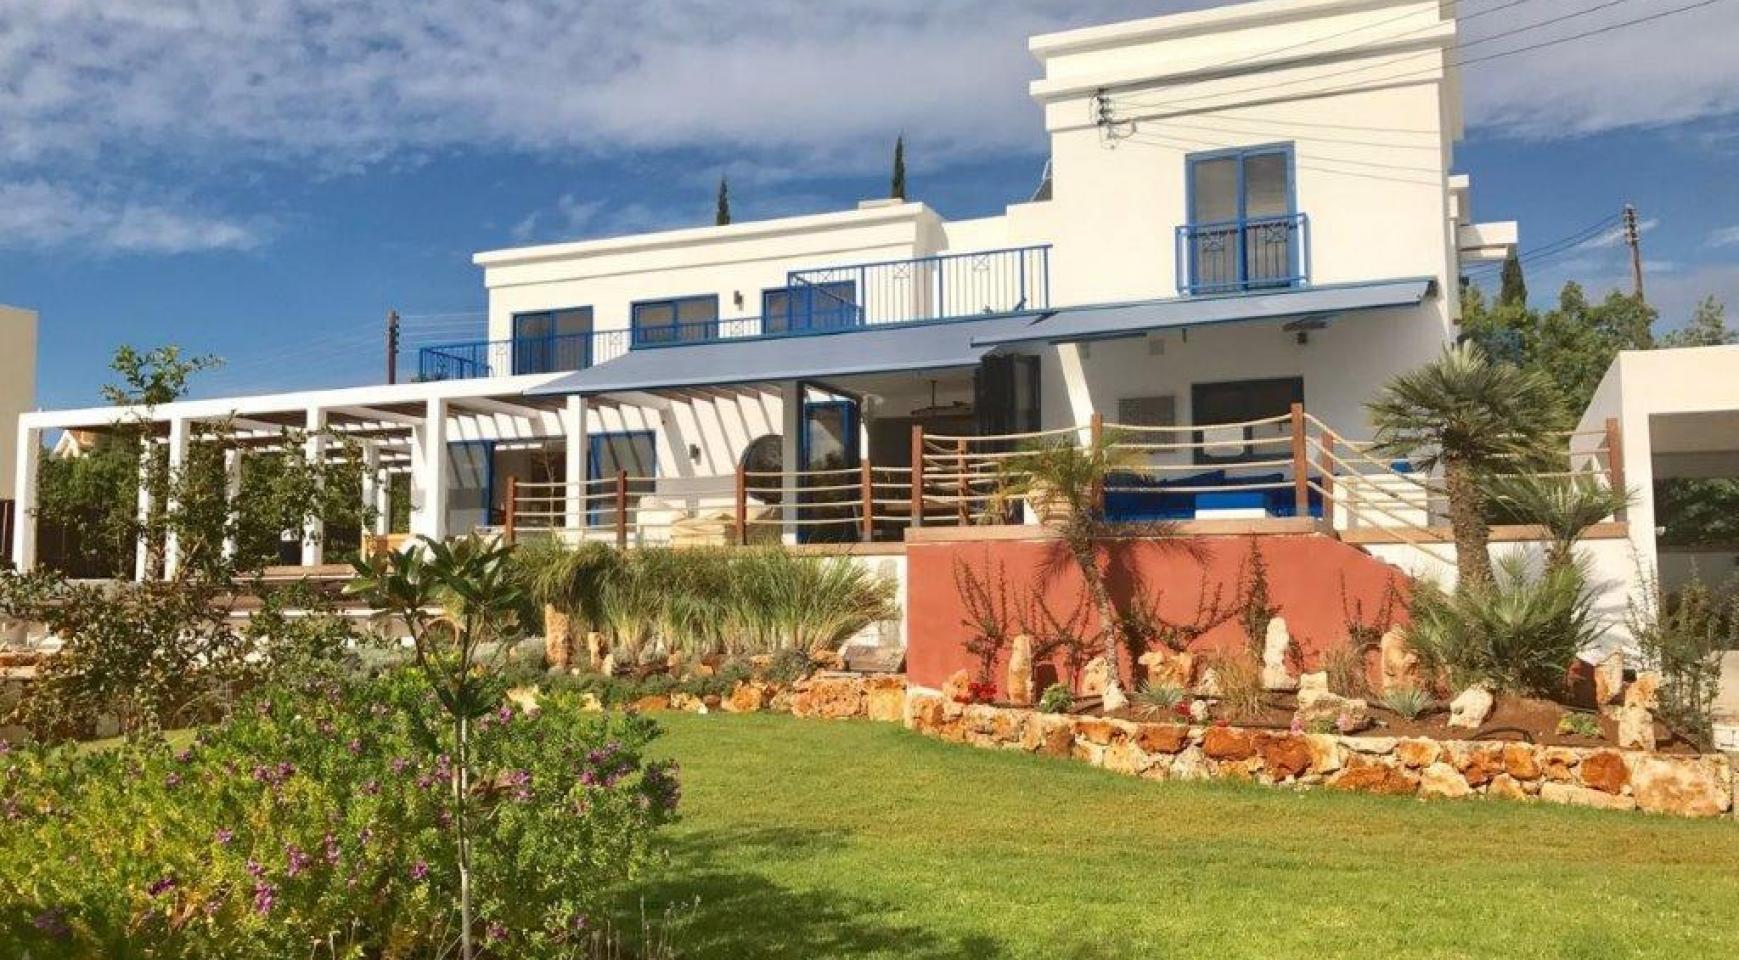 5 Bedroom Villa with Sea Views in Agios Tychonas Area - 1